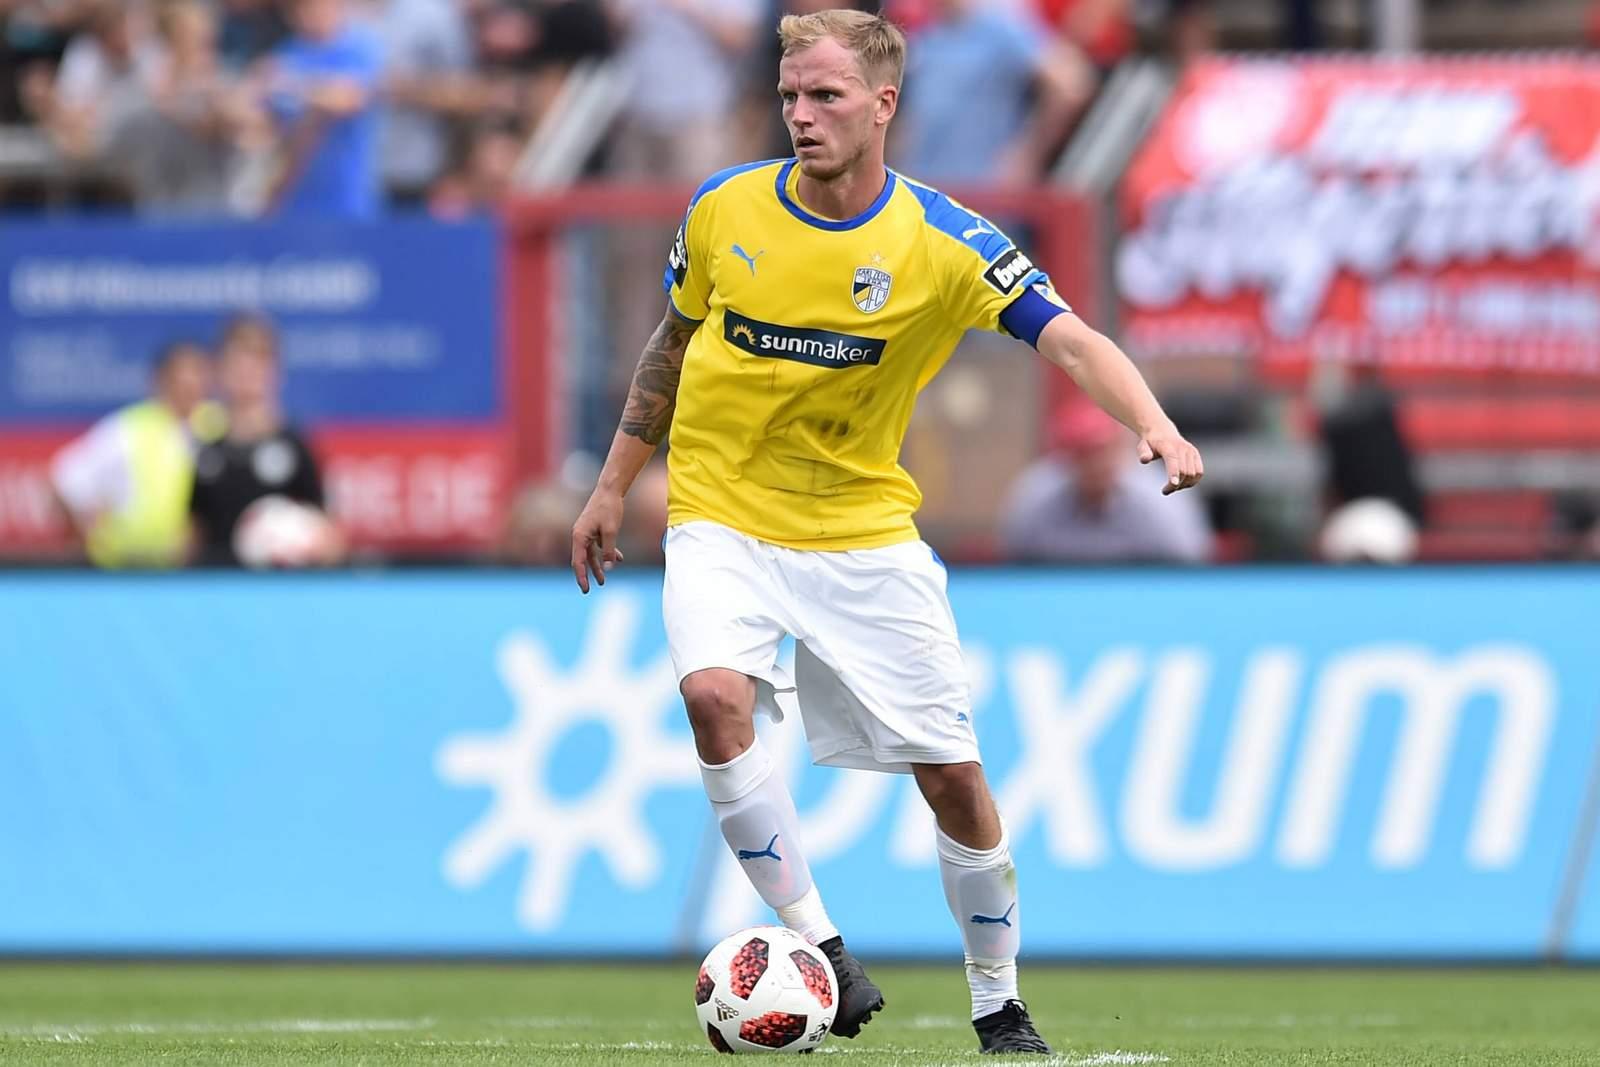 Rene Eckardt vom FC Carl Zeiss Jena beim Spiel gegen Fortuna Köln